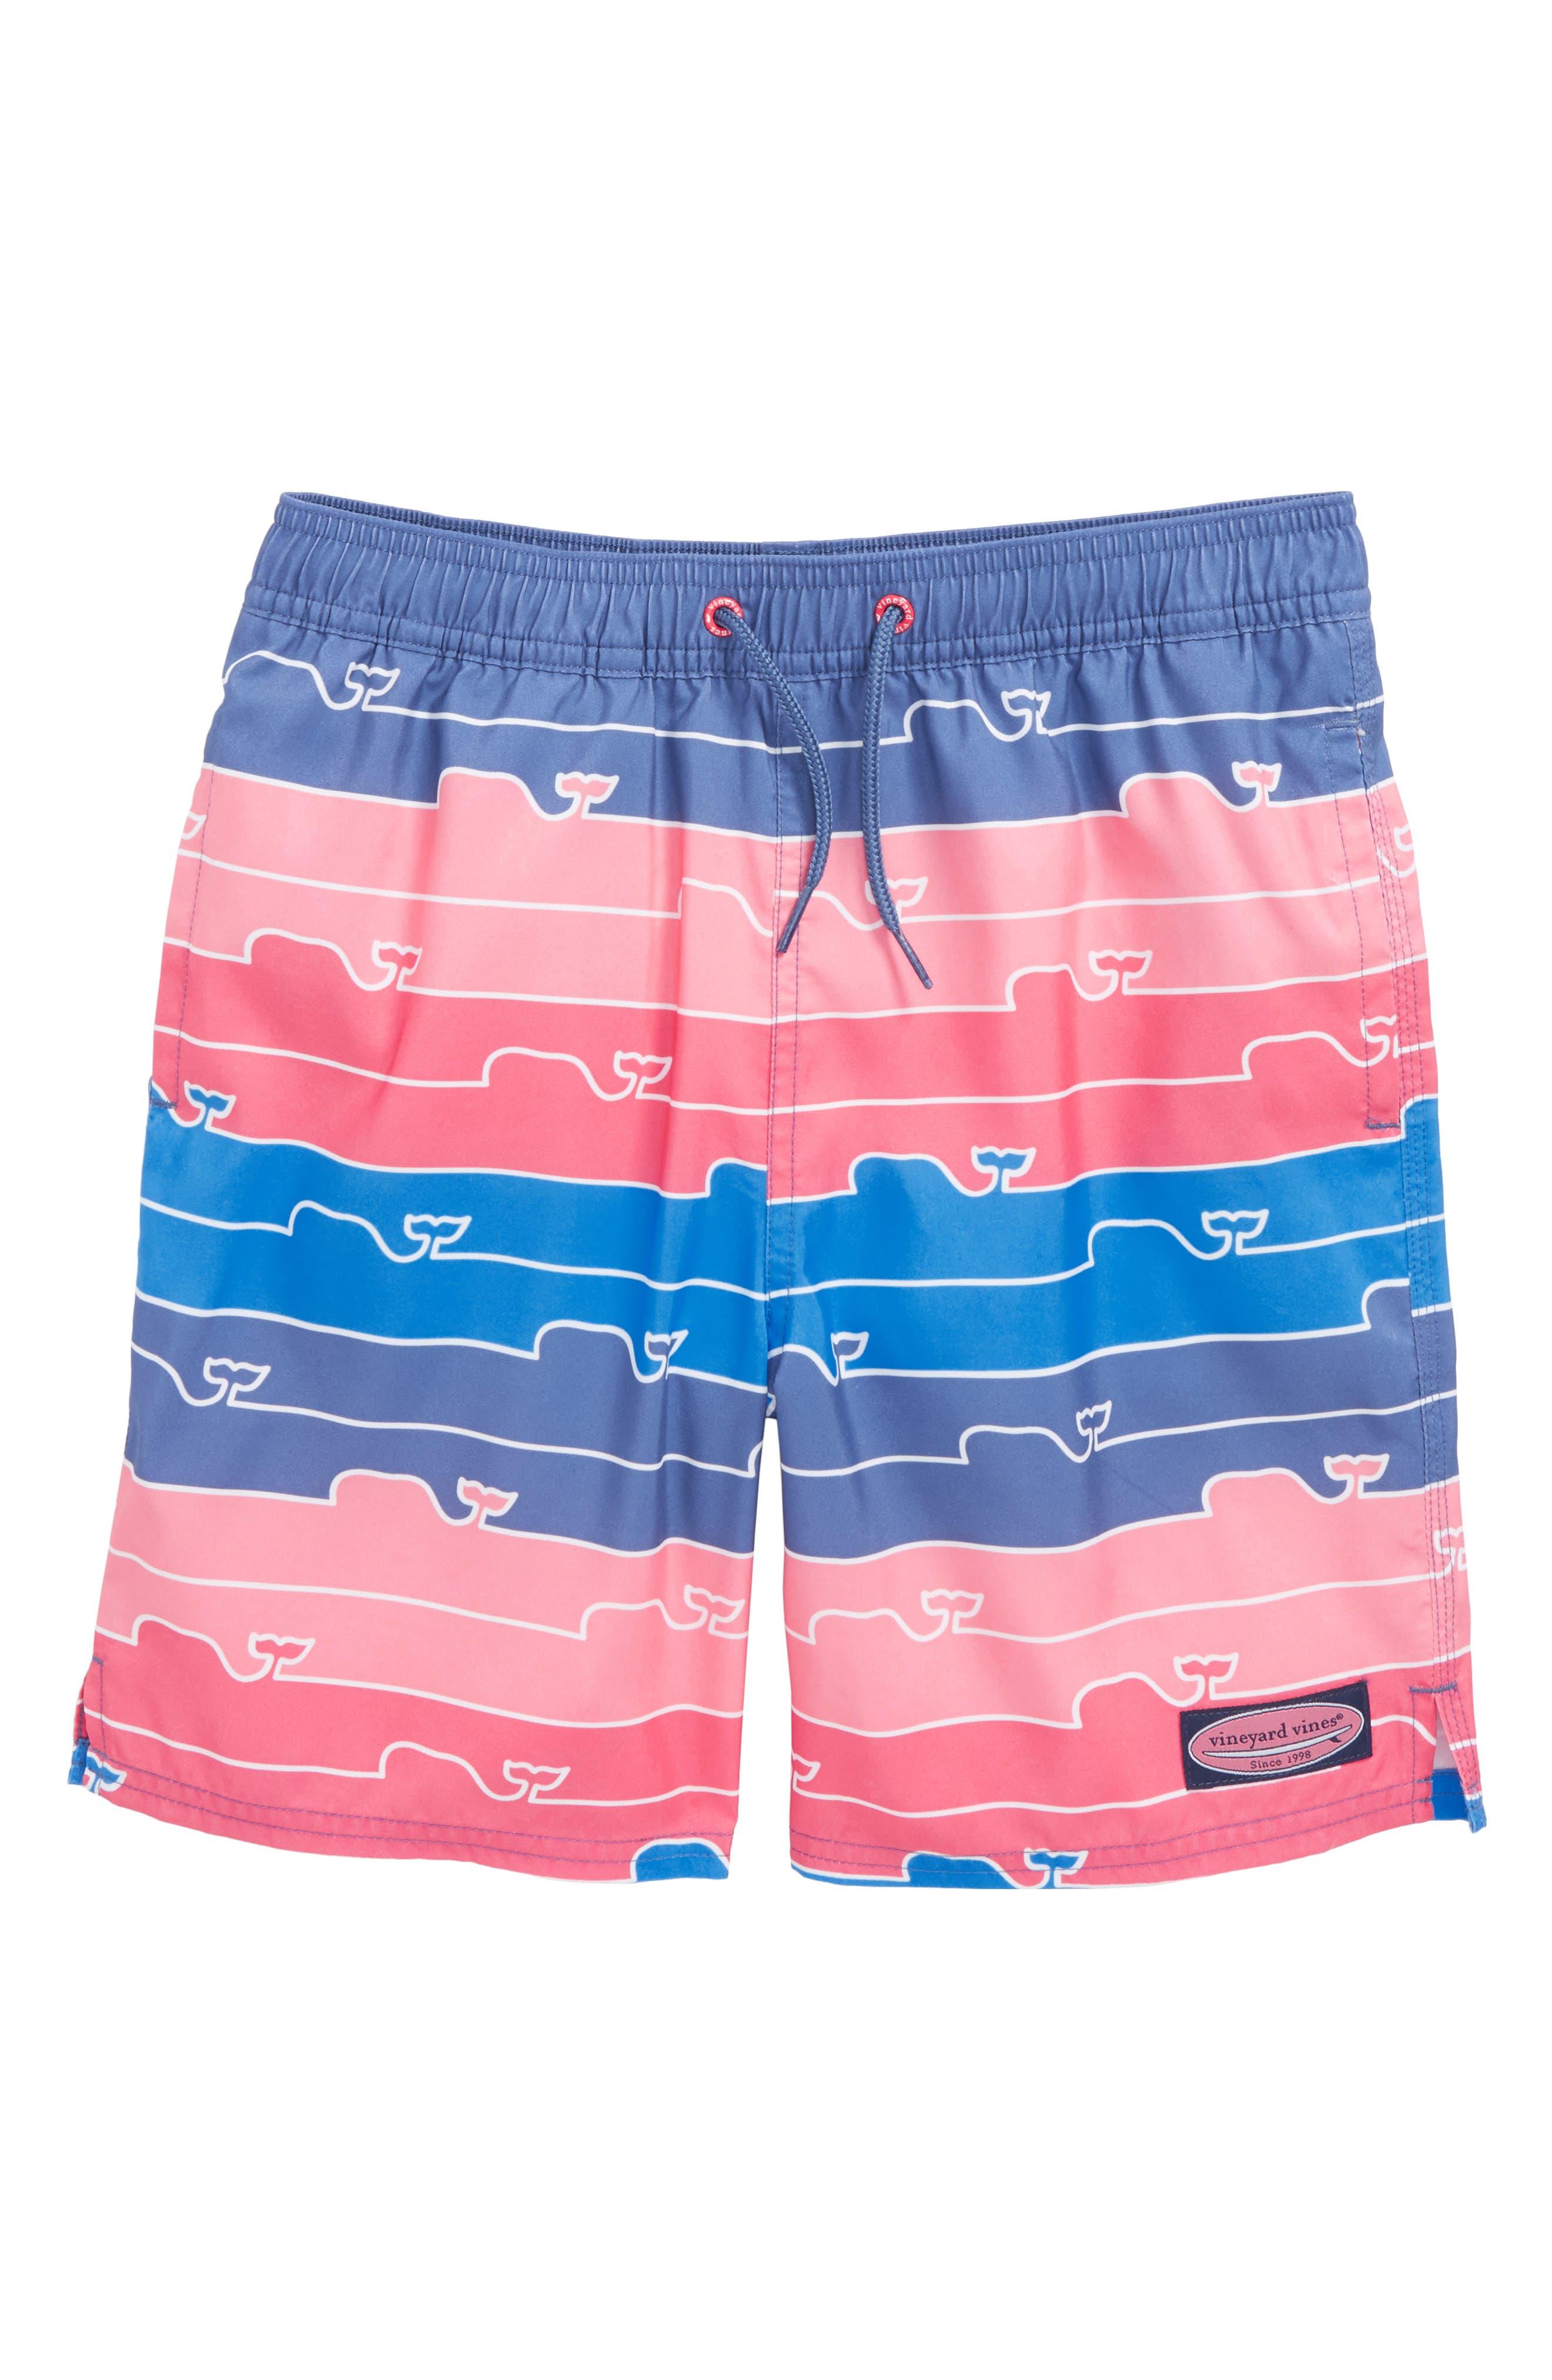 Chappy Whale Line Swim Trunks,                             Main thumbnail 1, color,                             461